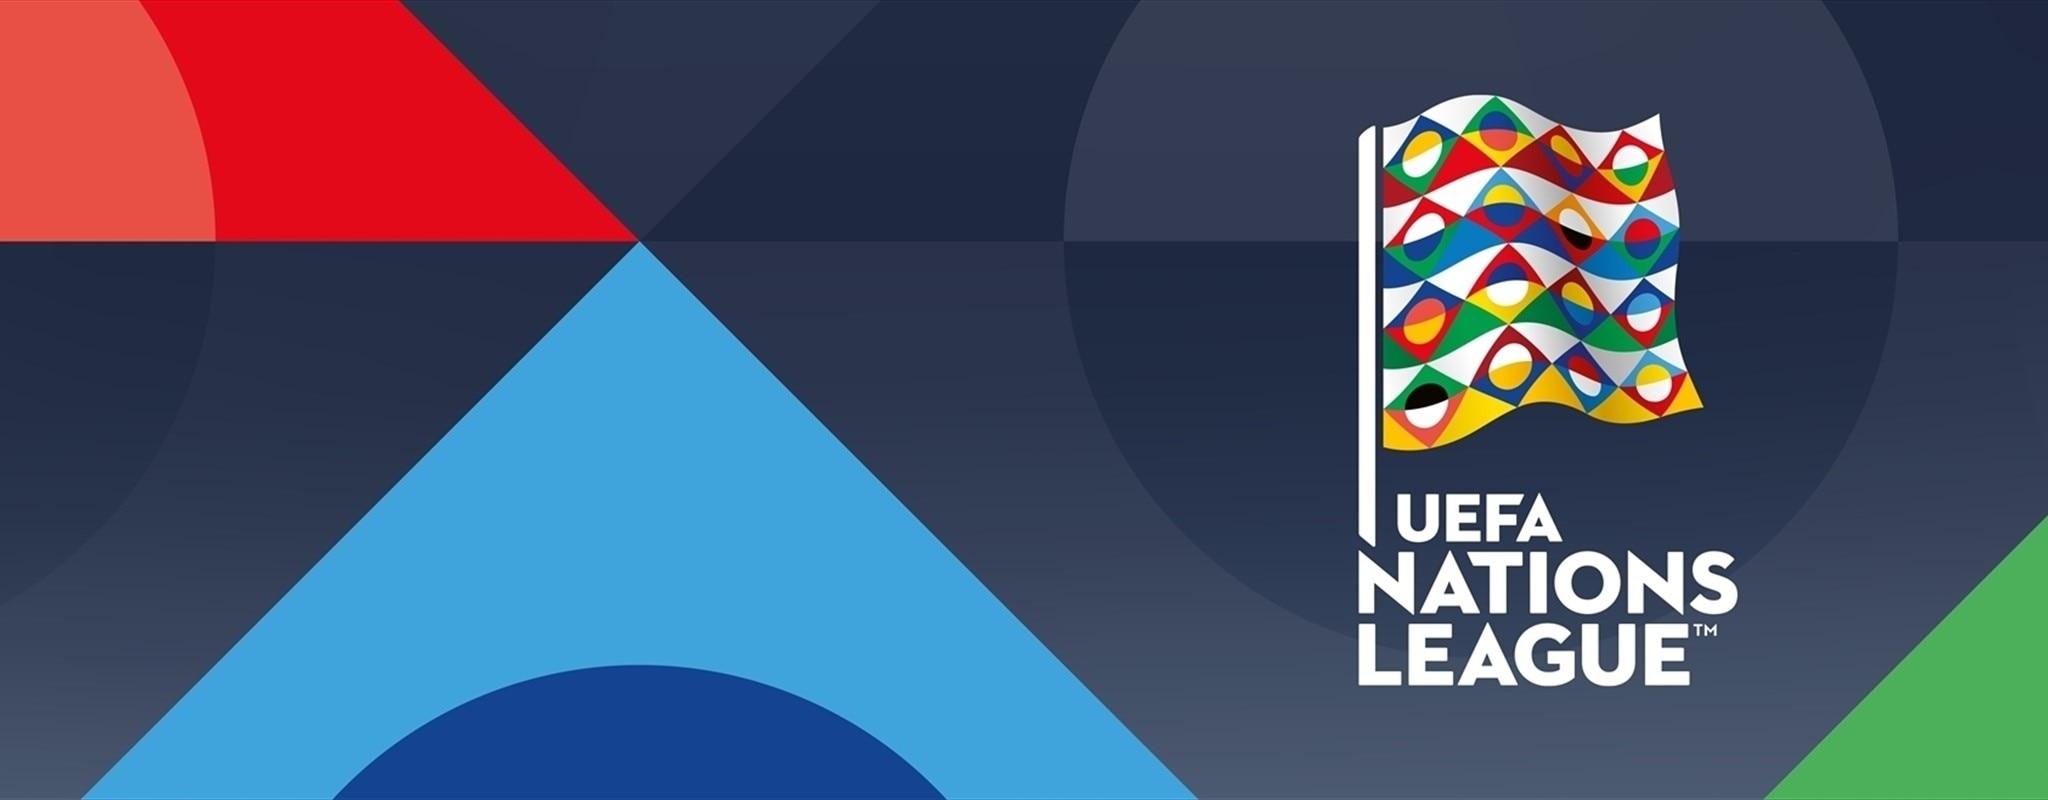 Se creó la UEFA Nations League, que comenzará en 2018